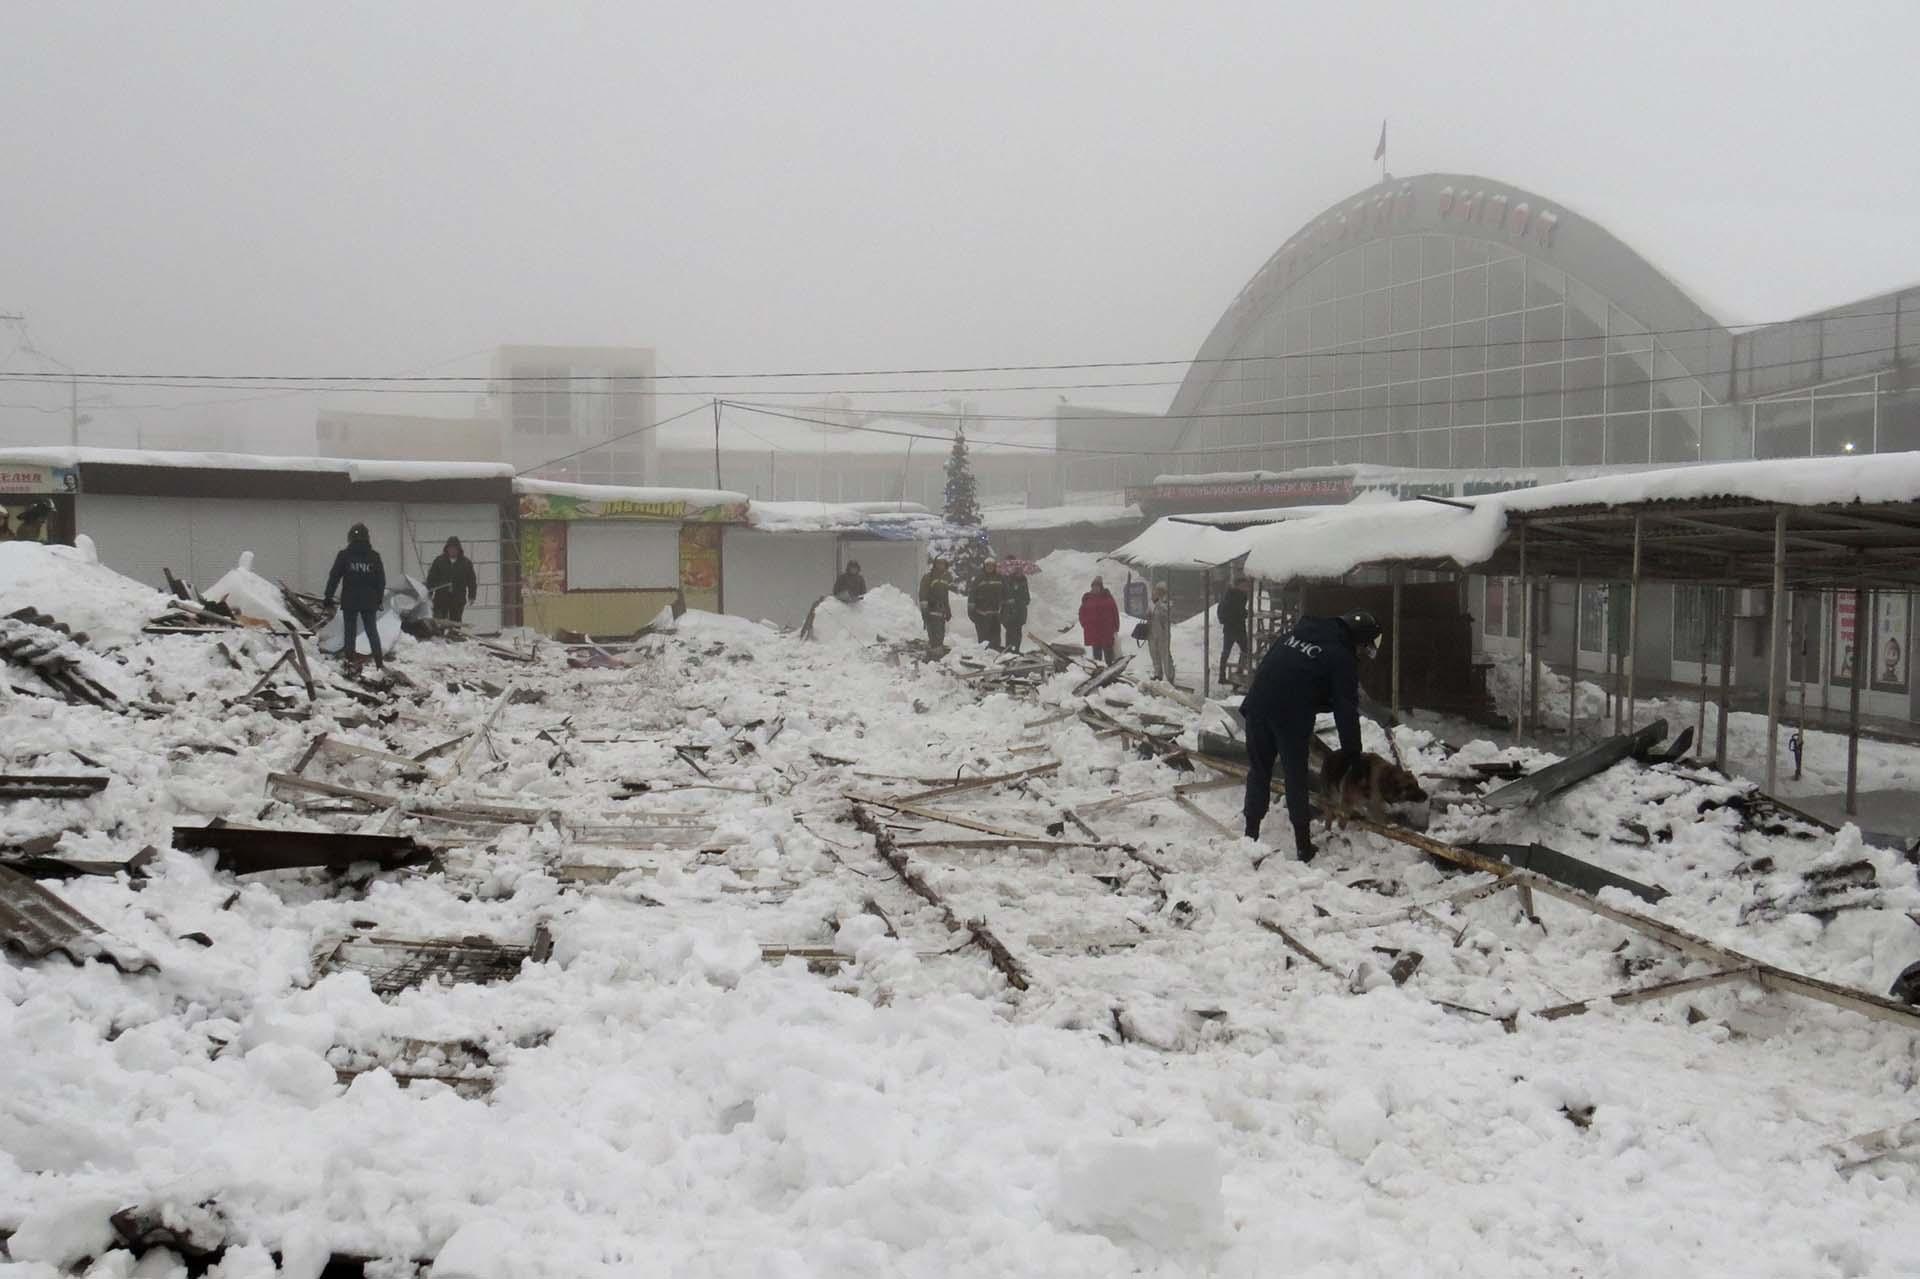 Rescatistas trabajan en una zona derrumbada de un centro comercial en las afuera de Donetsk, Ucrania (REUTERS/Sergiy Kirichenko)